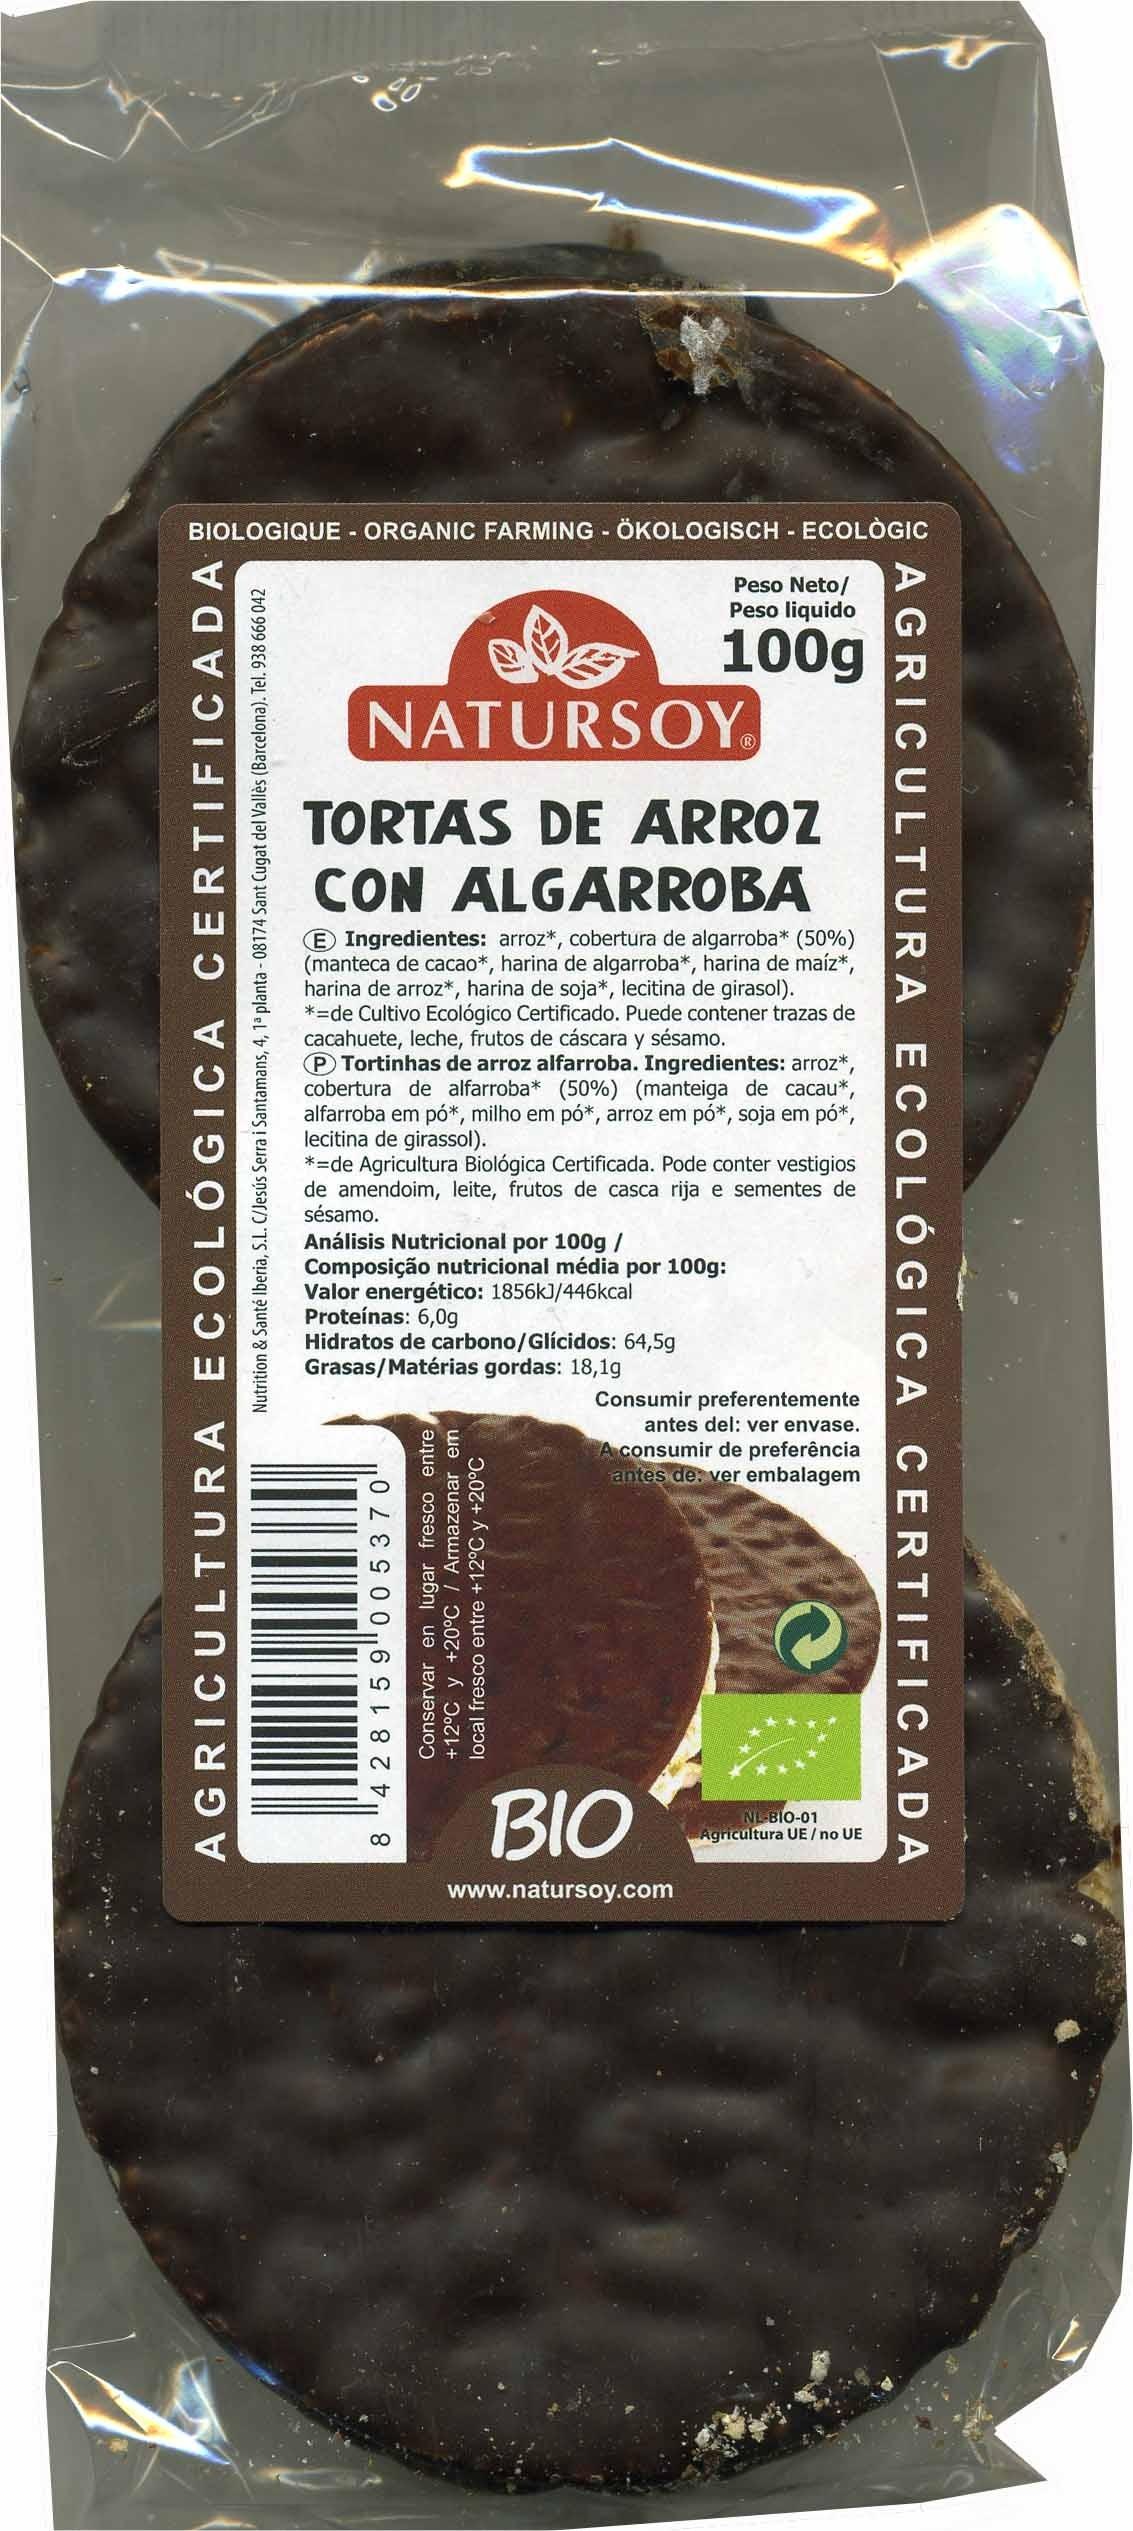 Tortitas de arroz con algarroba - Producto - es